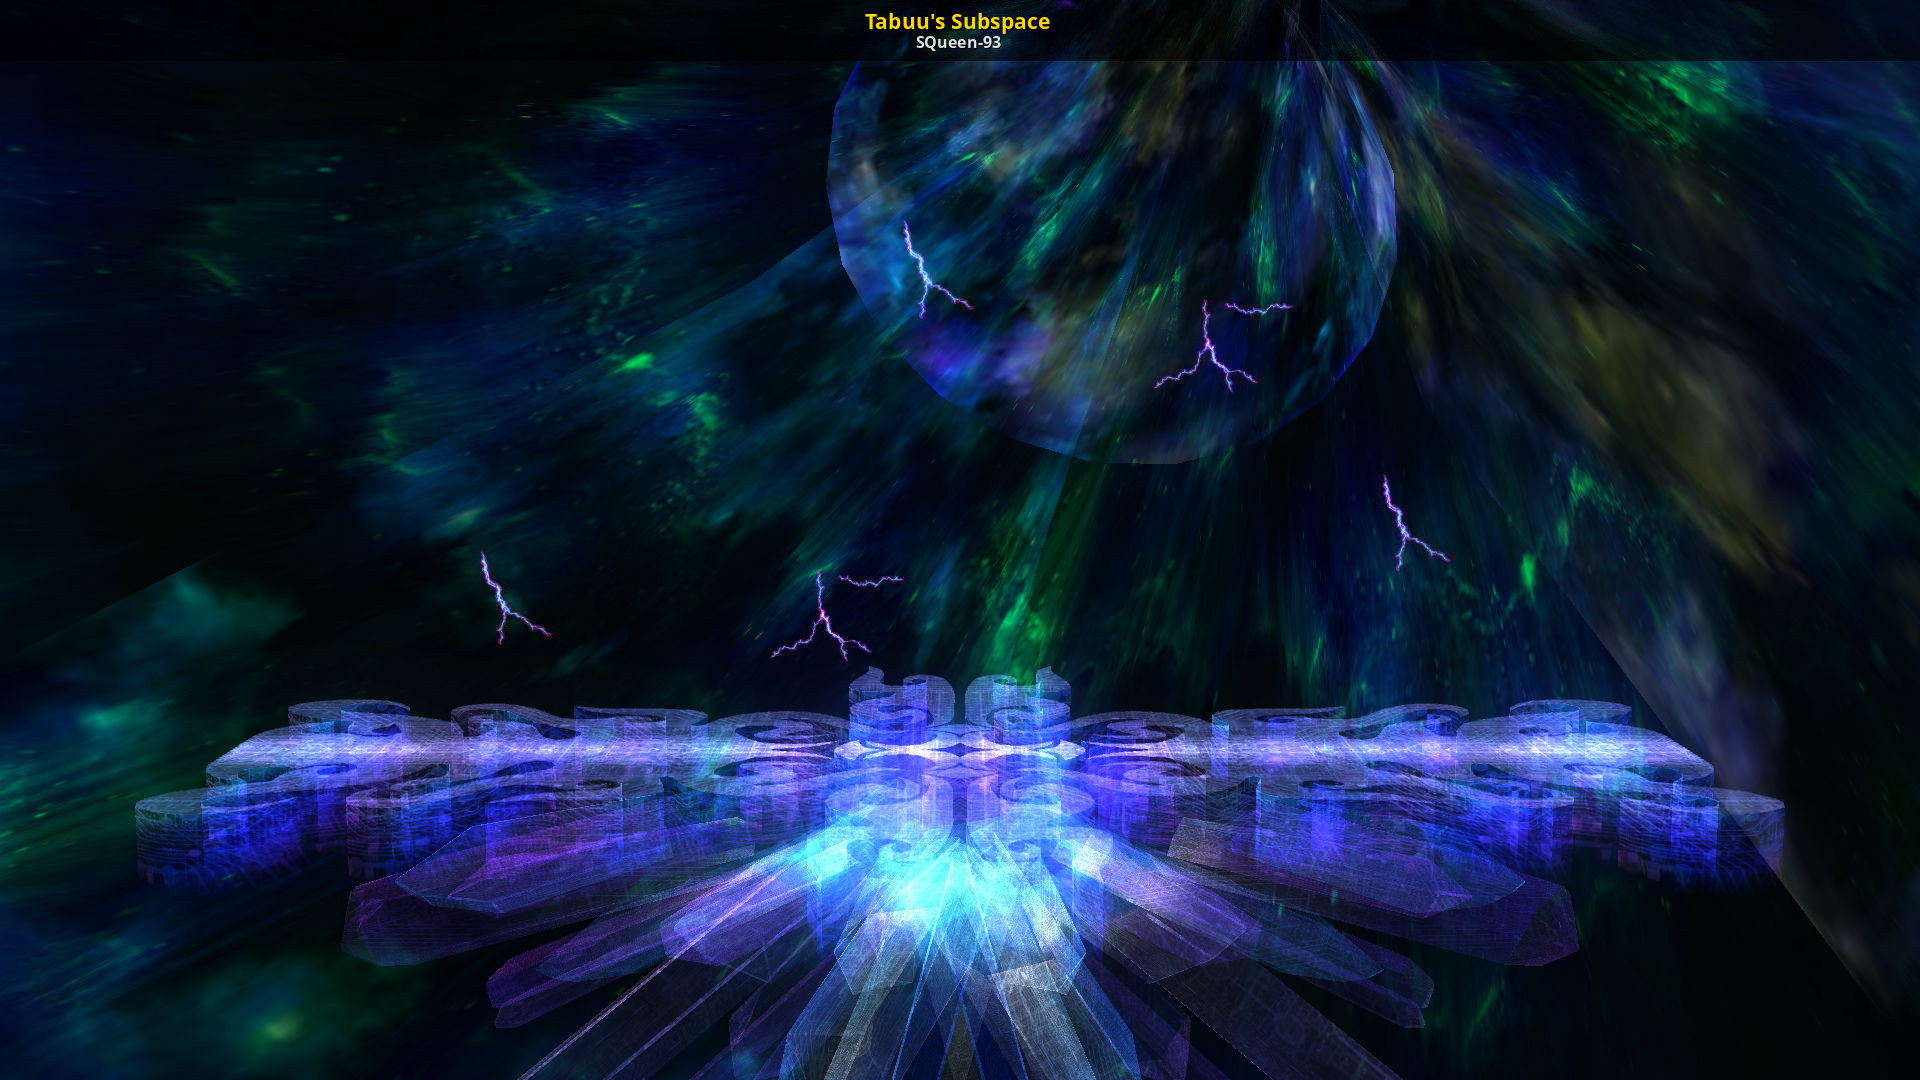 Tabuus Subspace [Super Smash Bros Wii U] [Maps] 1920x1080